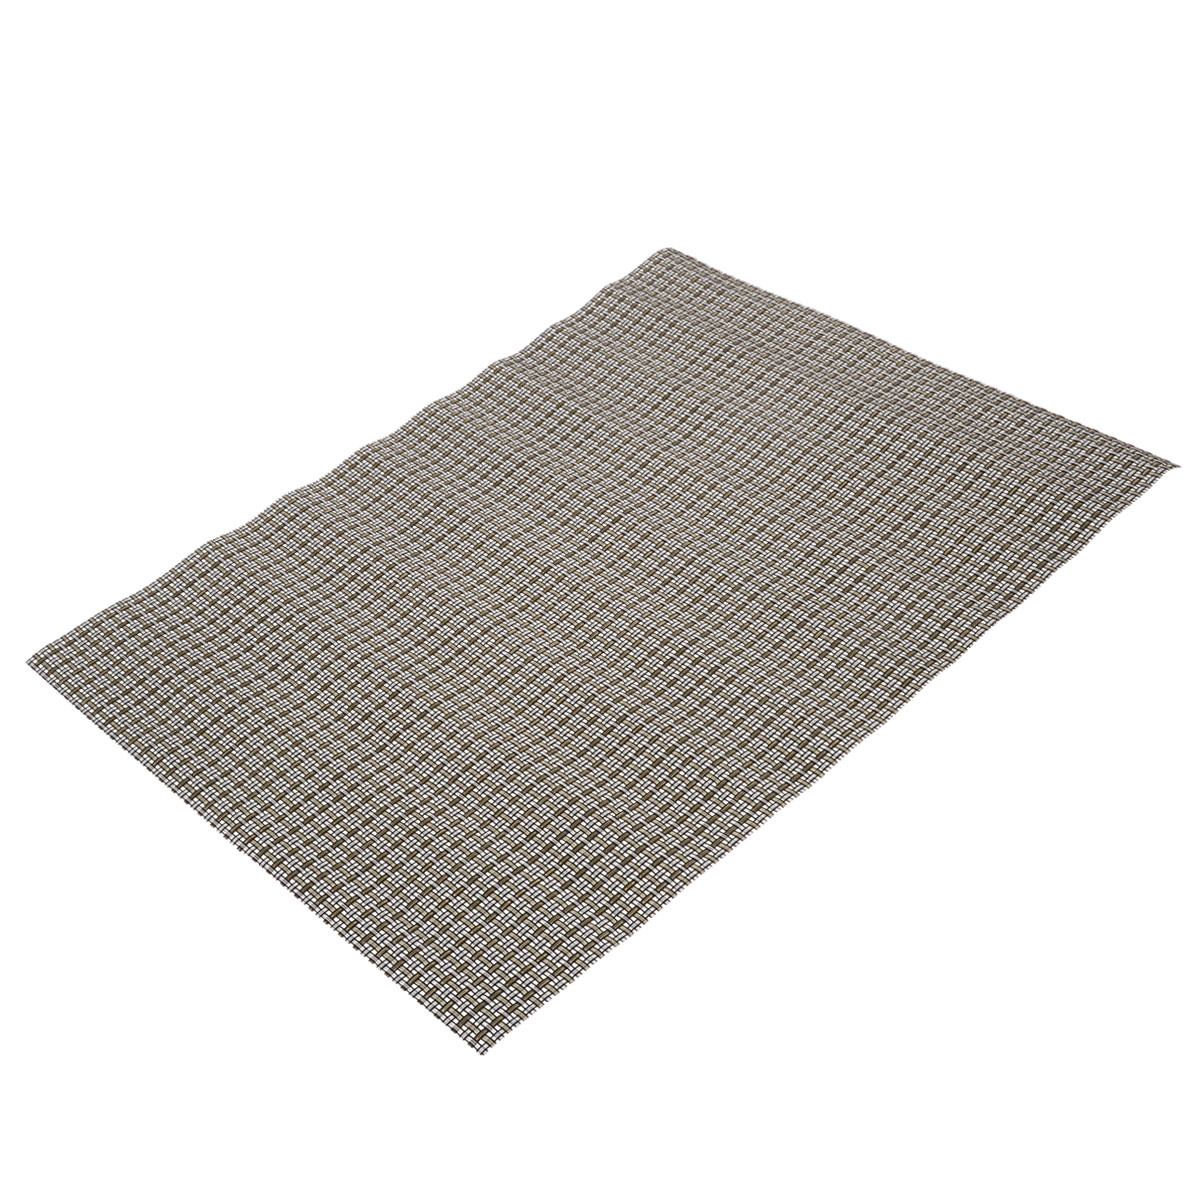 Подставка под горячее Bradex, цвет: серый, 45 см х 30 см лампа c2r a6 9005 hb 3